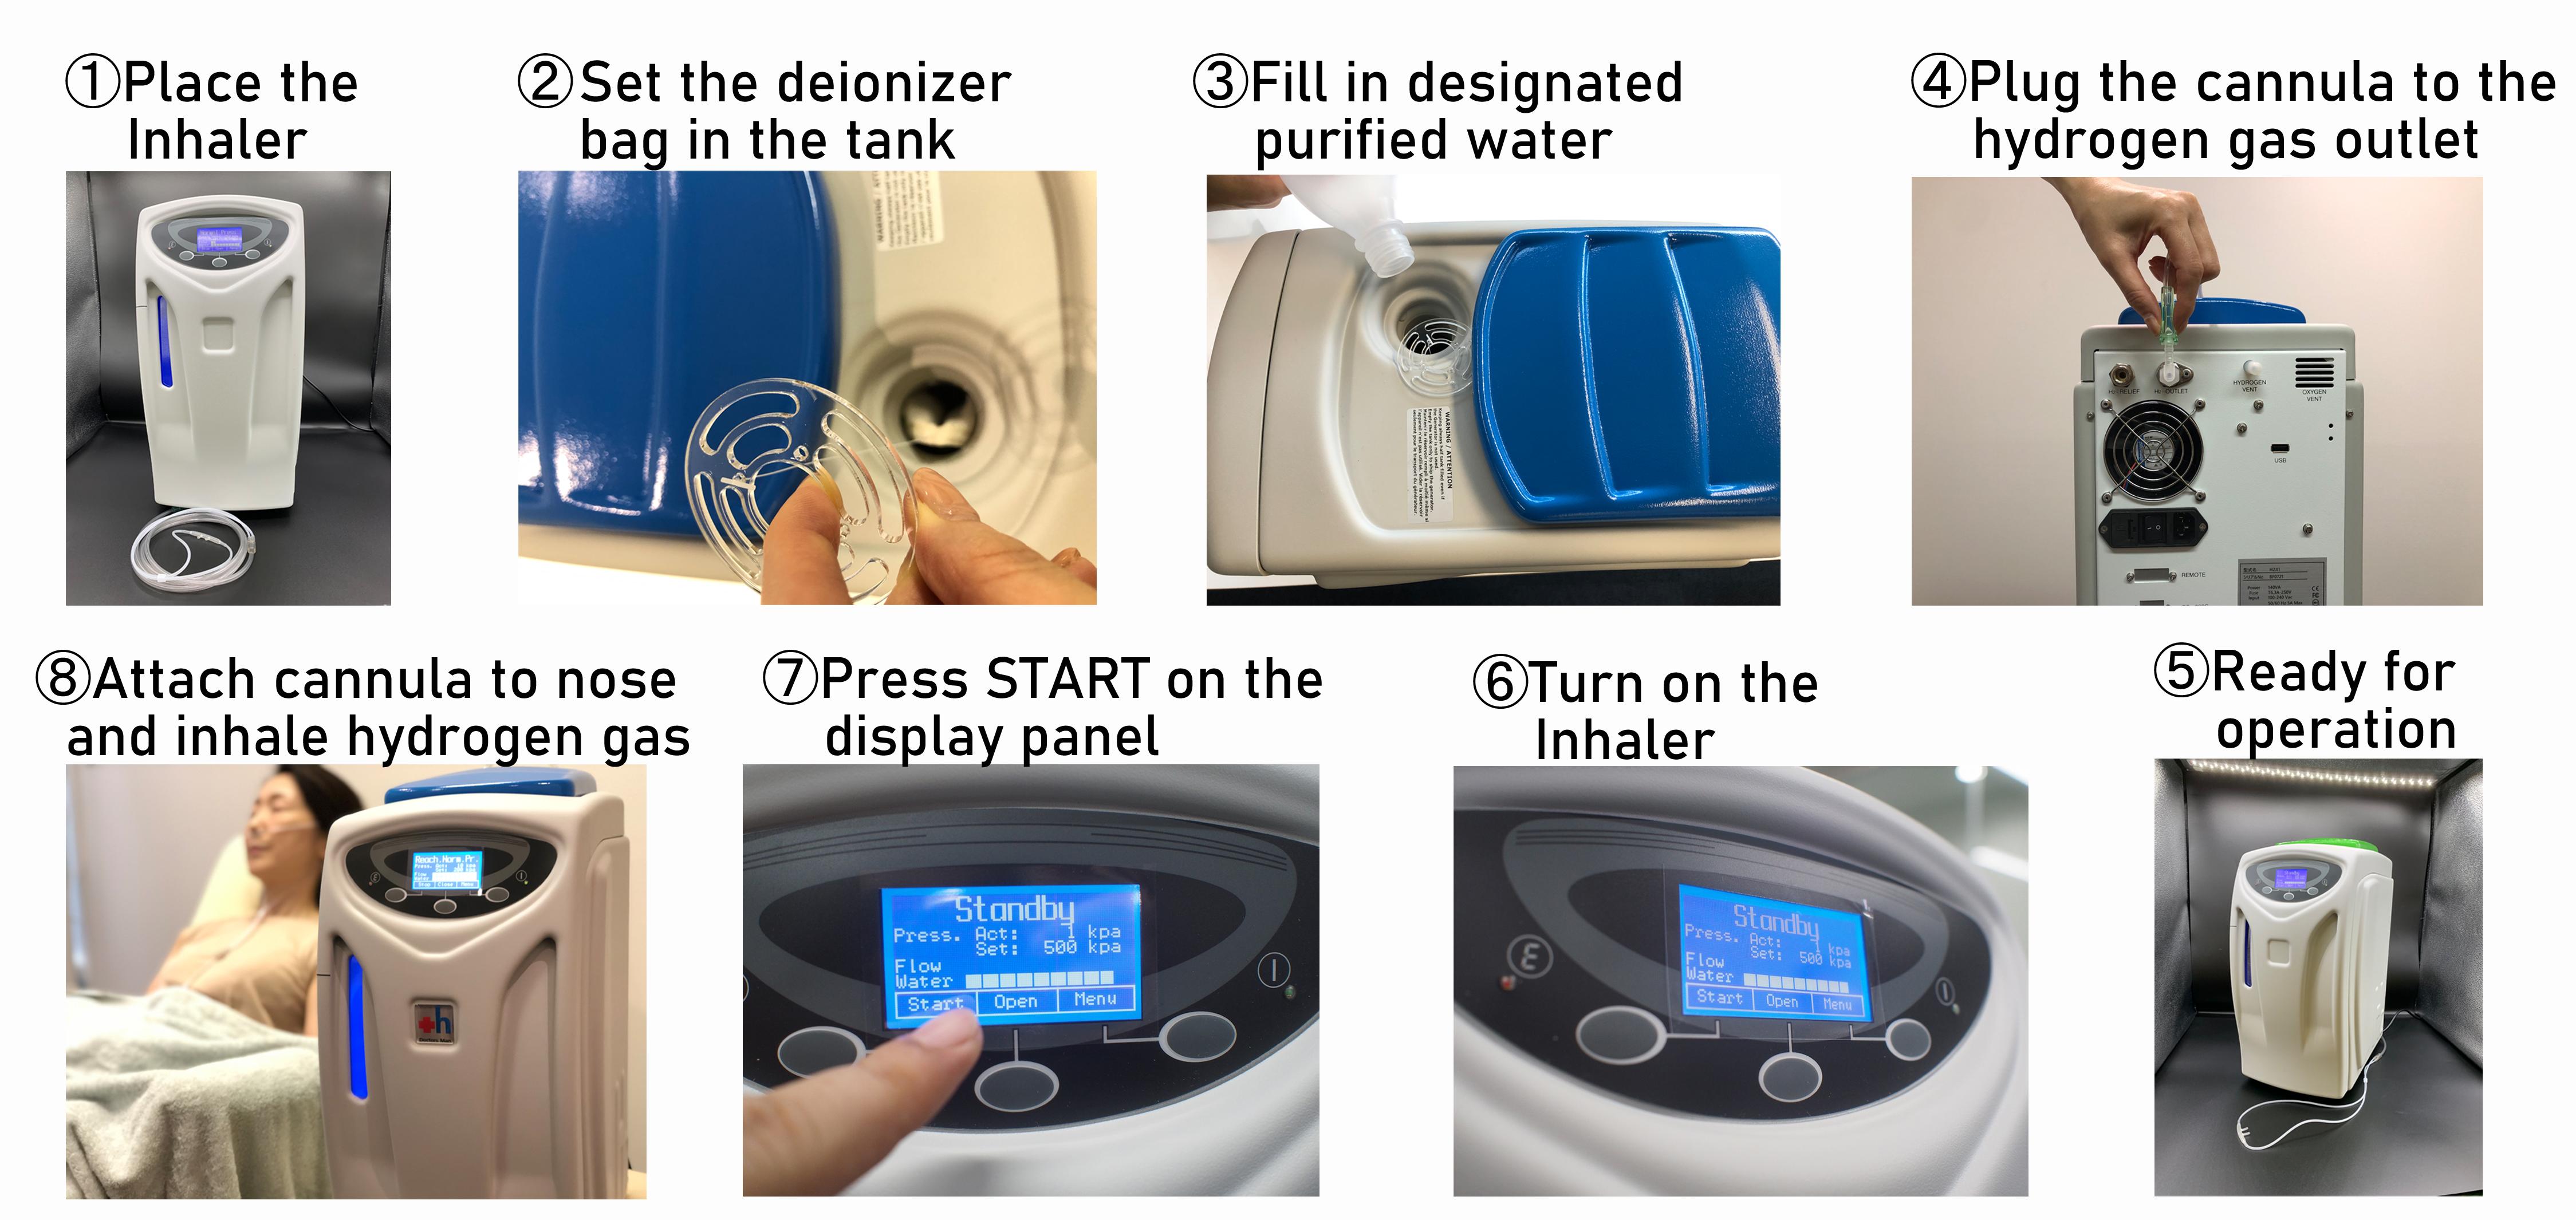 How to Inhale Hydrogen Gas